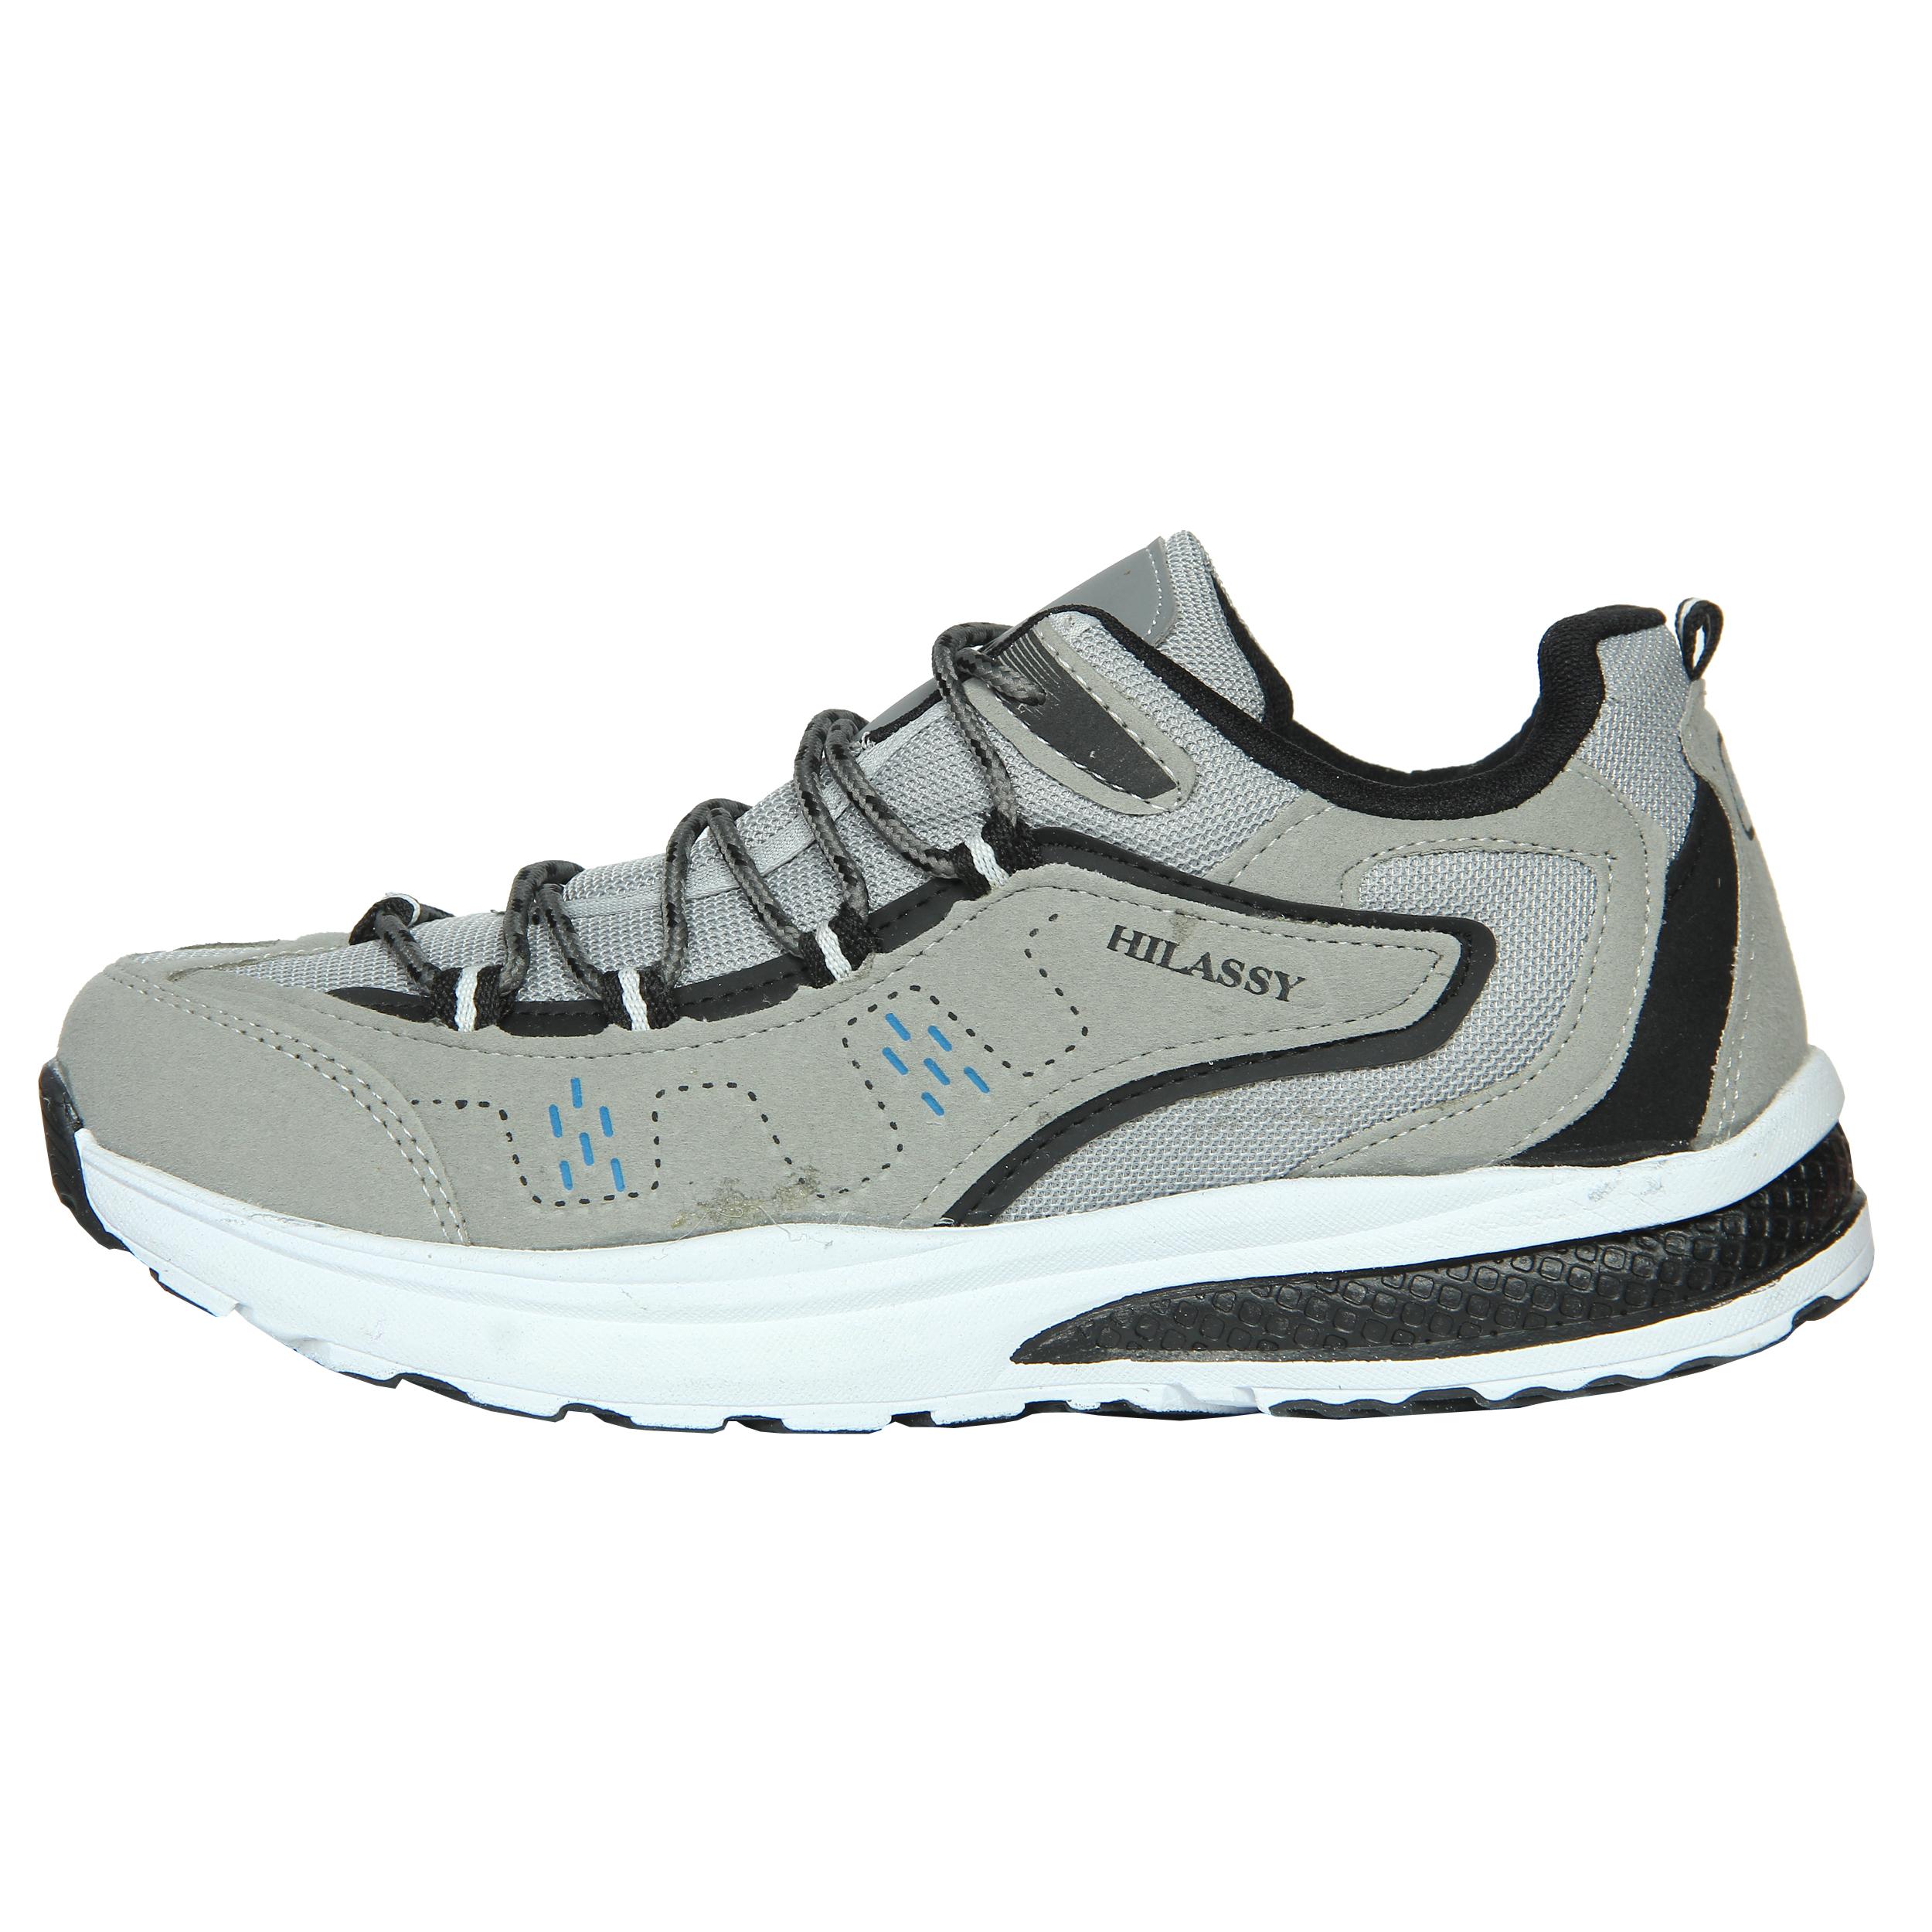 خرید                      کفش پیاده روی هیلاسی مدل میلاد کد 414125